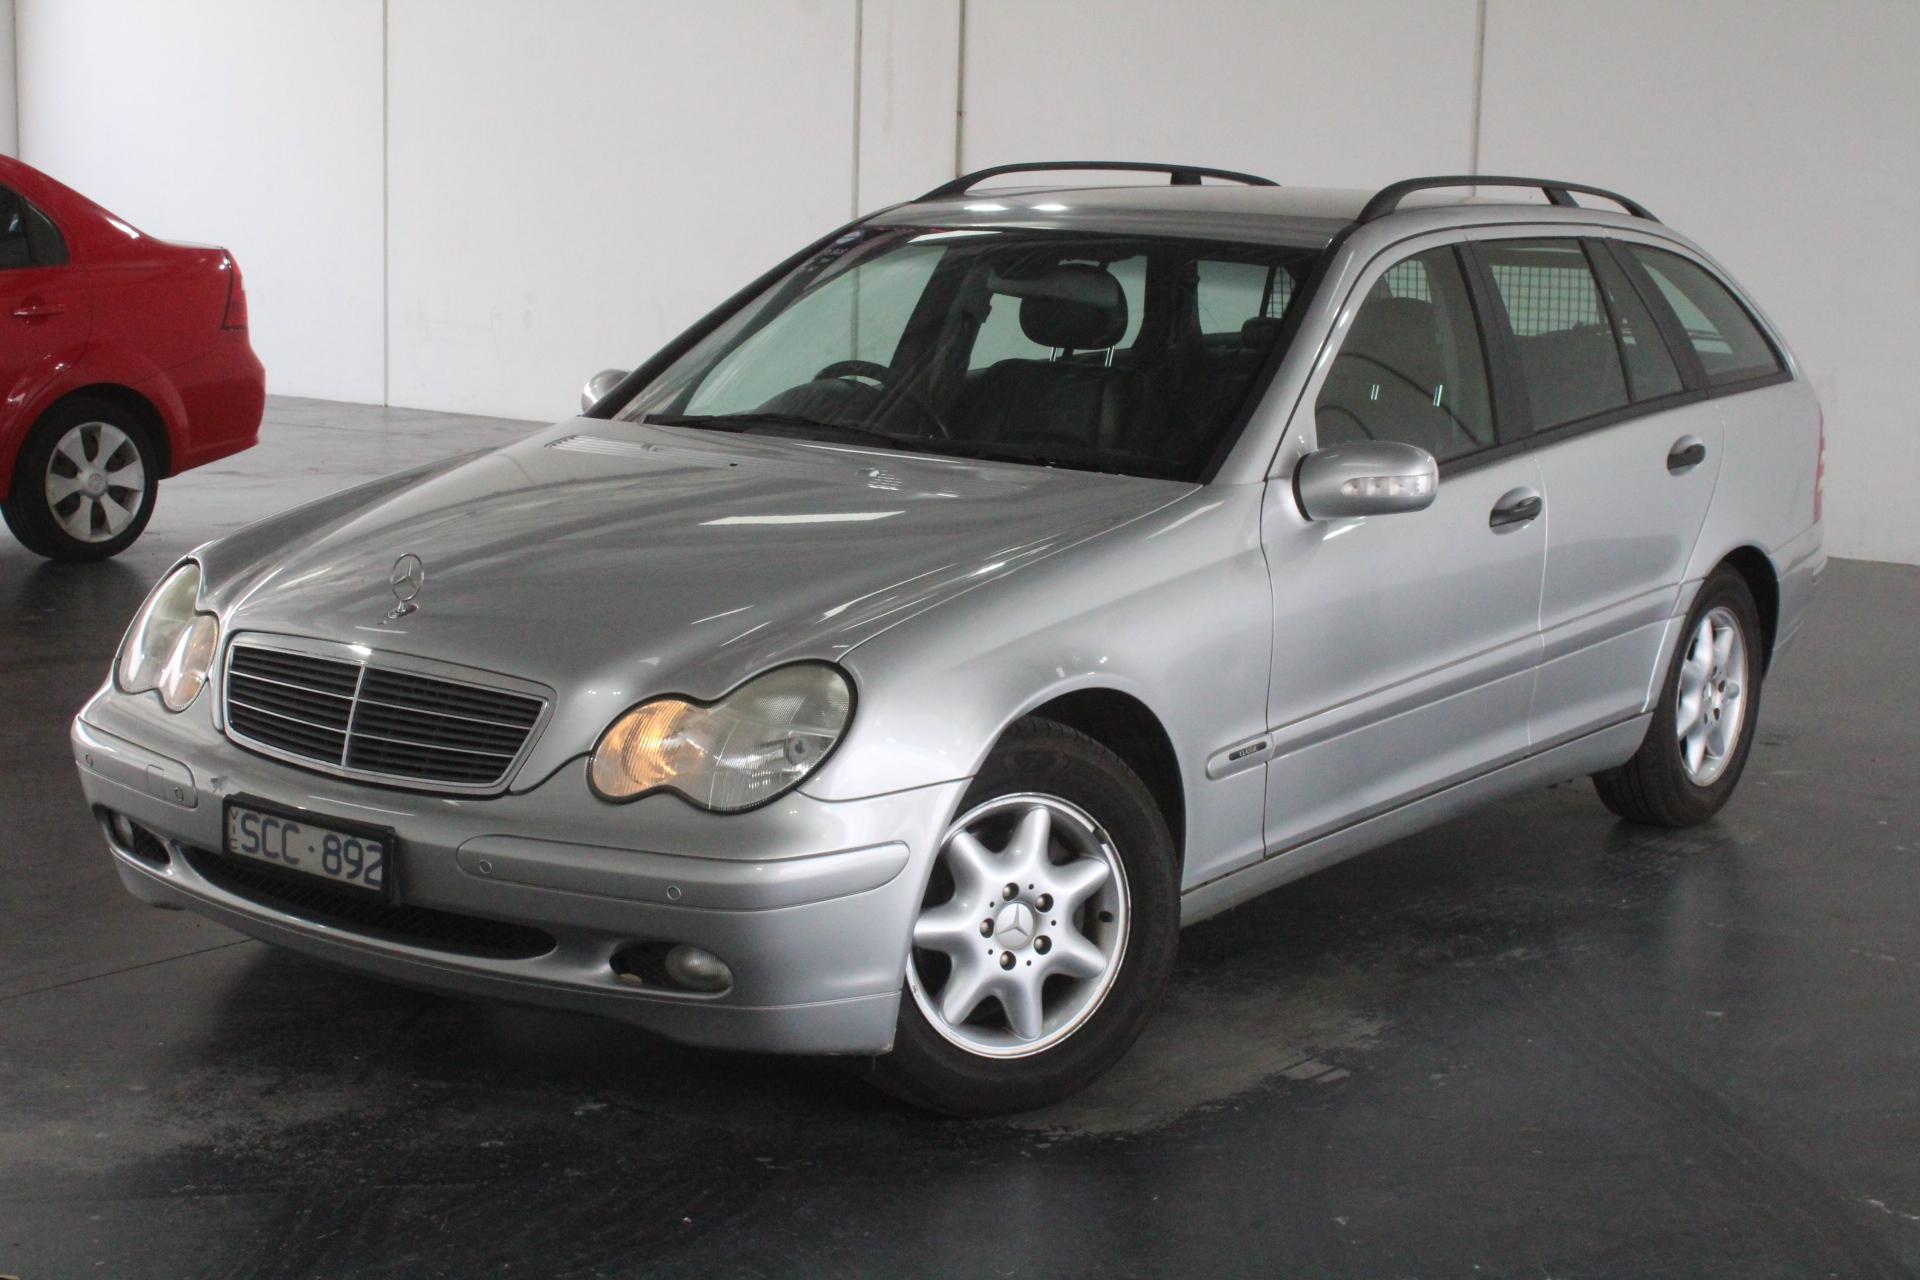 2003 Mercedes Benz C200 Kompressor Classic S203 Automatic Wagon